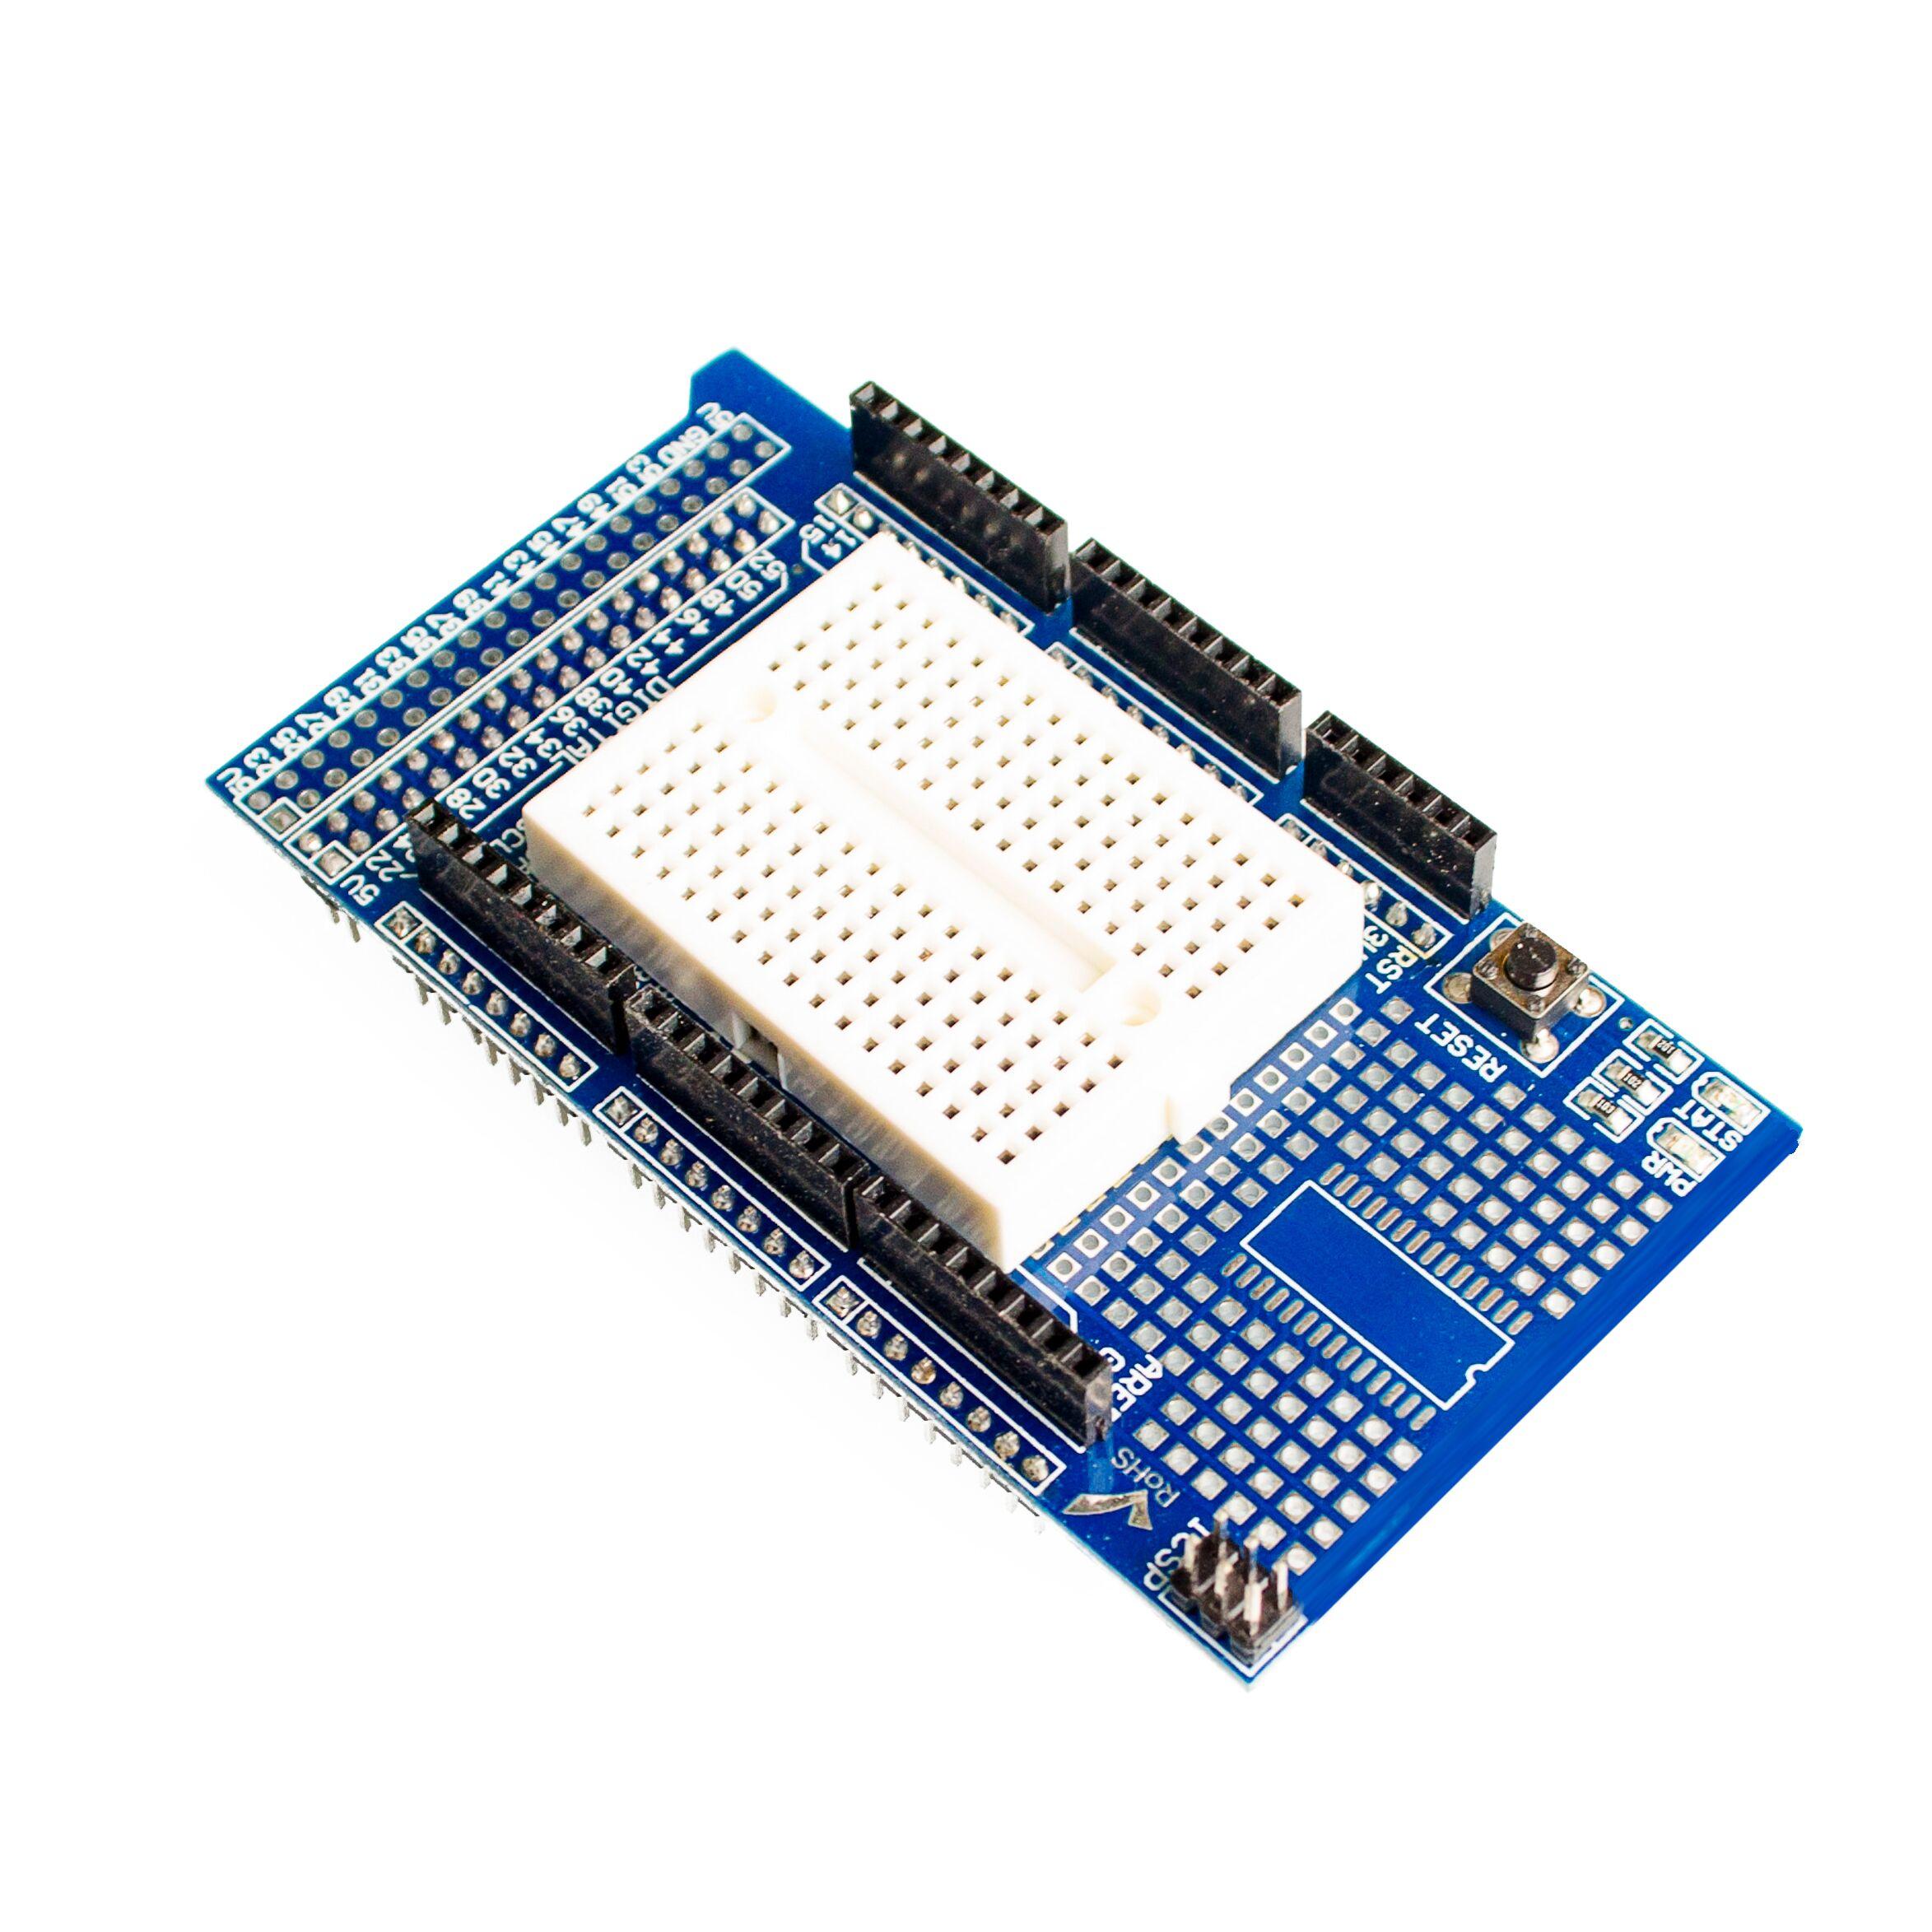 Proto Prototype Prototyping Shield Kit Set For Arduino UNO R3 Mega 2560 GY